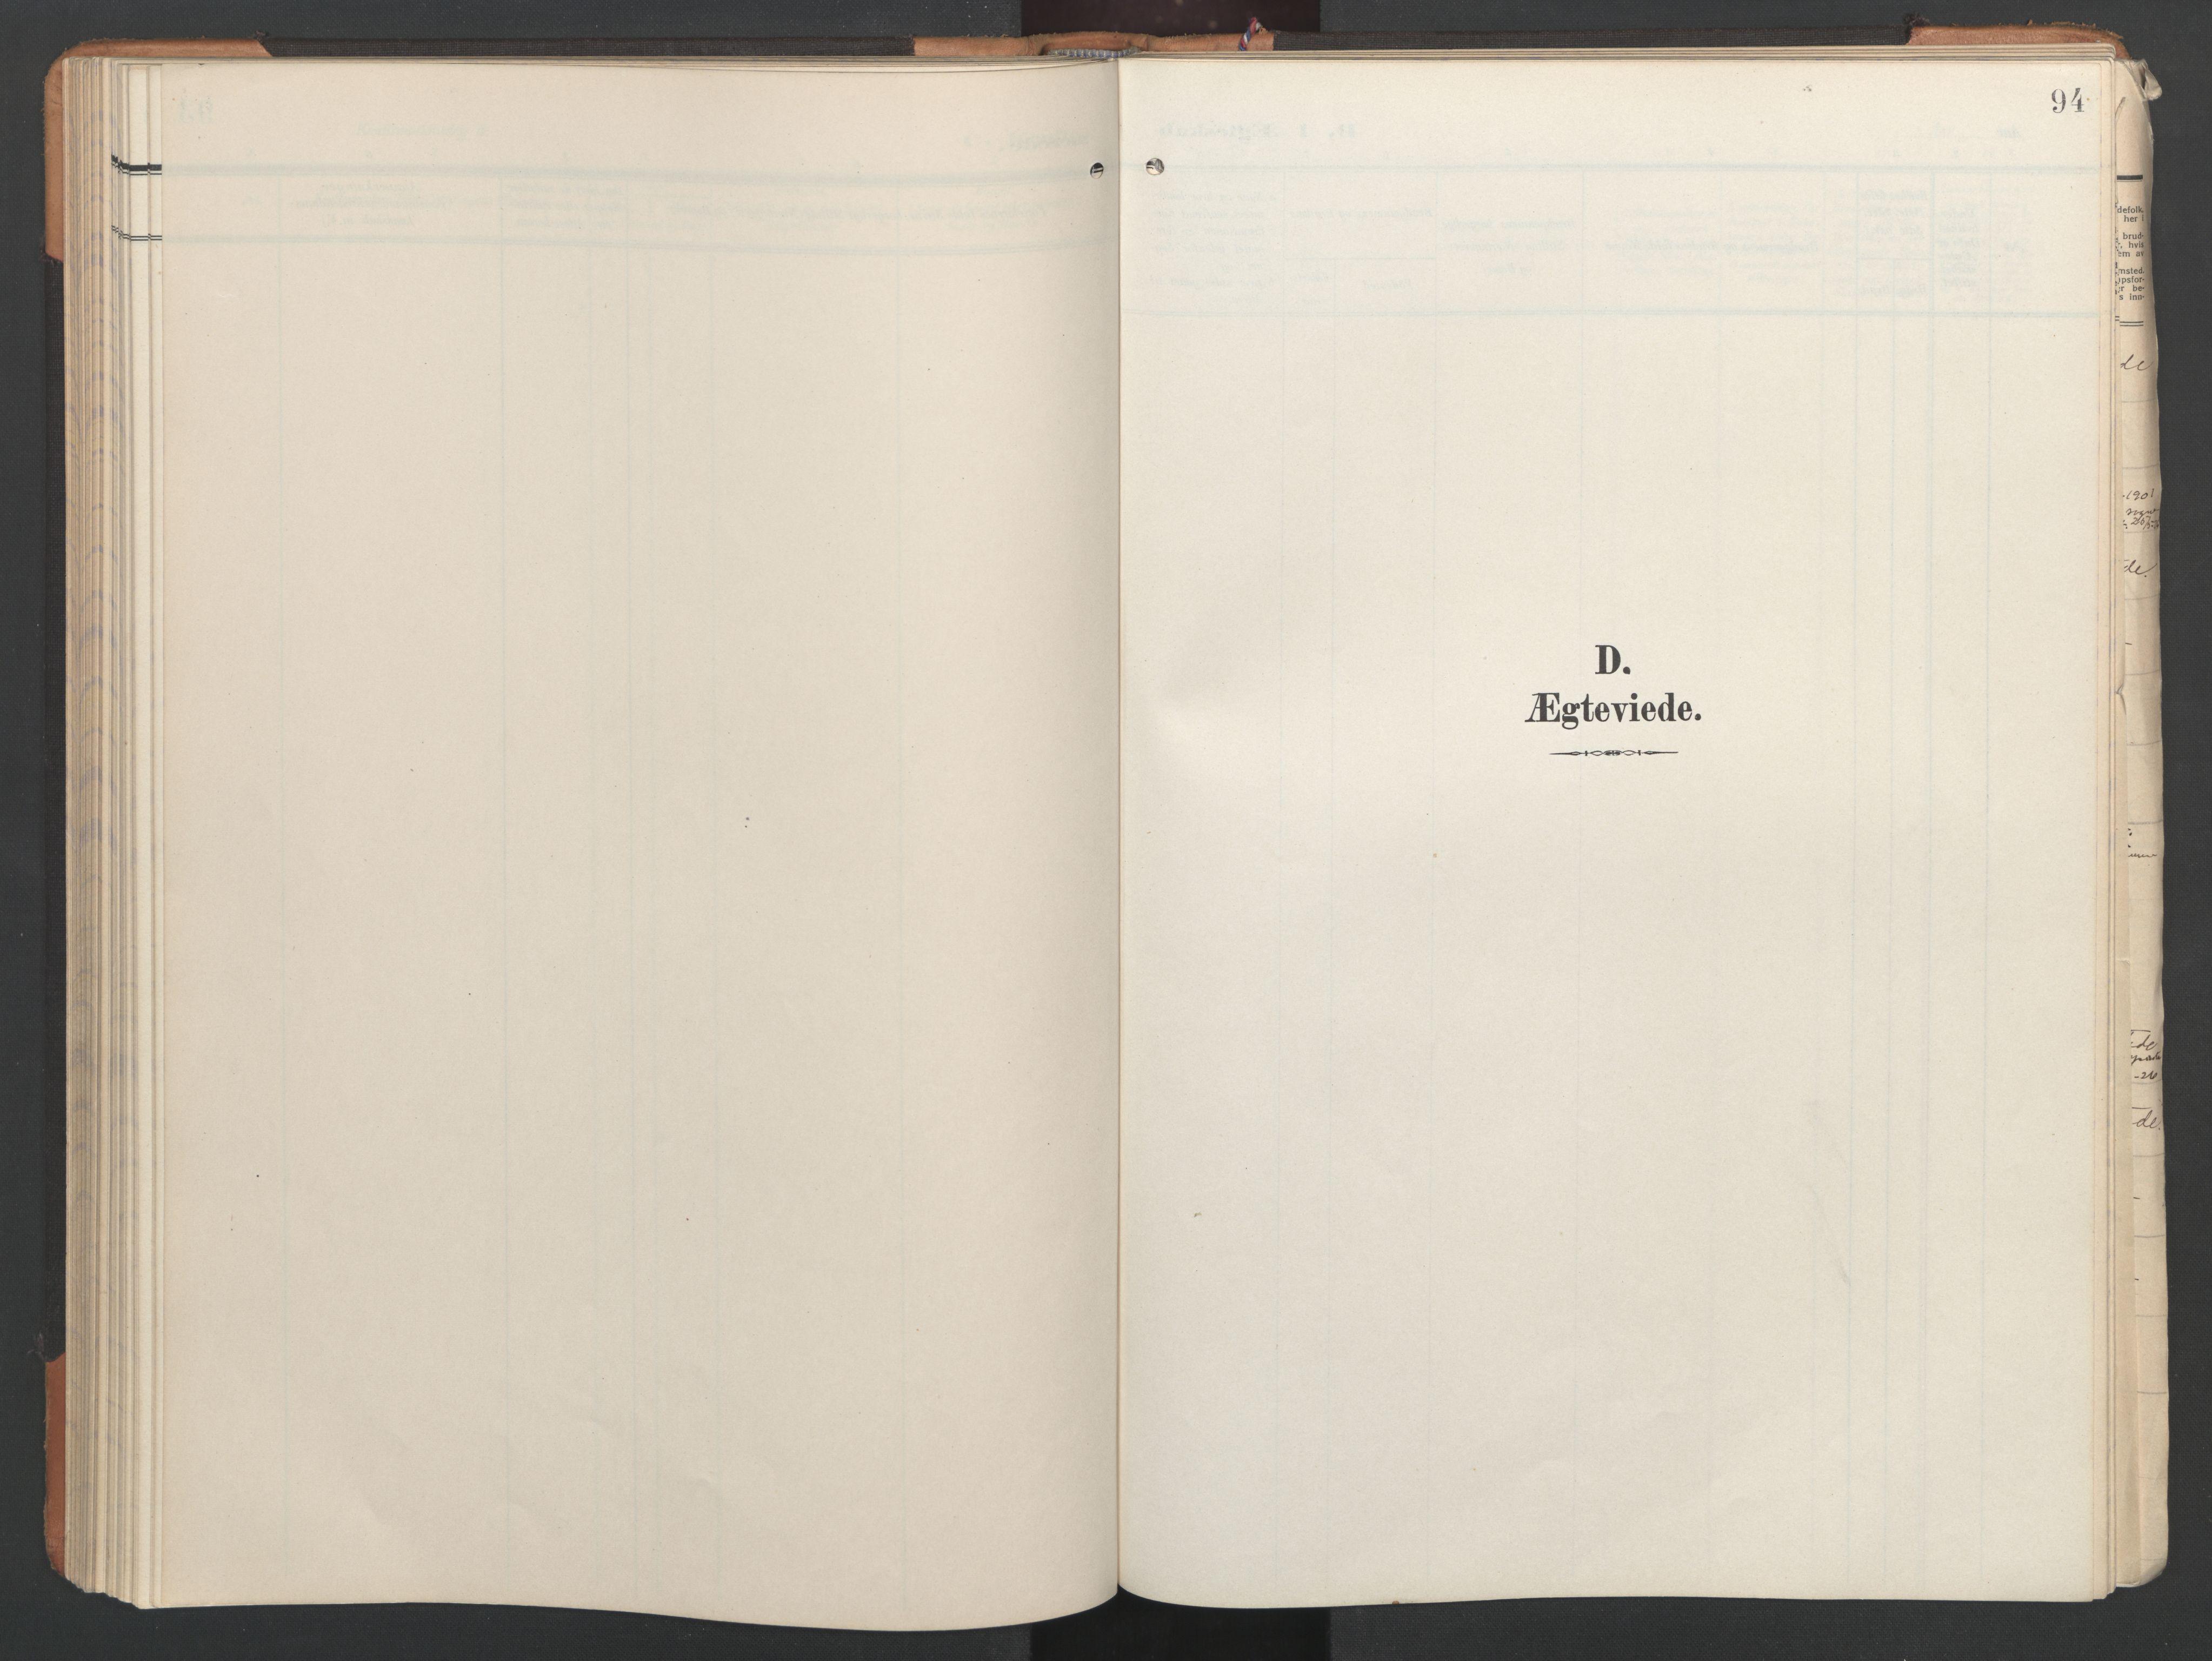 SAT, Ministerialprotokoller, klokkerbøker og fødselsregistre - Nord-Trøndelag, 746/L0455: Klokkerbok nr. 746C01, 1908-1933, s. 94